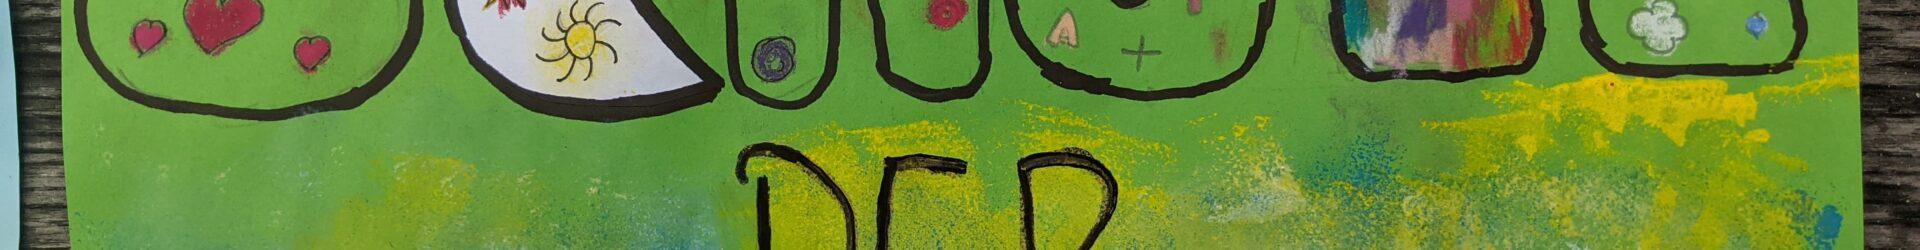 skribble.kms – Wir malen/bauen/gestalten/programmieren unsere ideale Schule von morgen. Teil 5